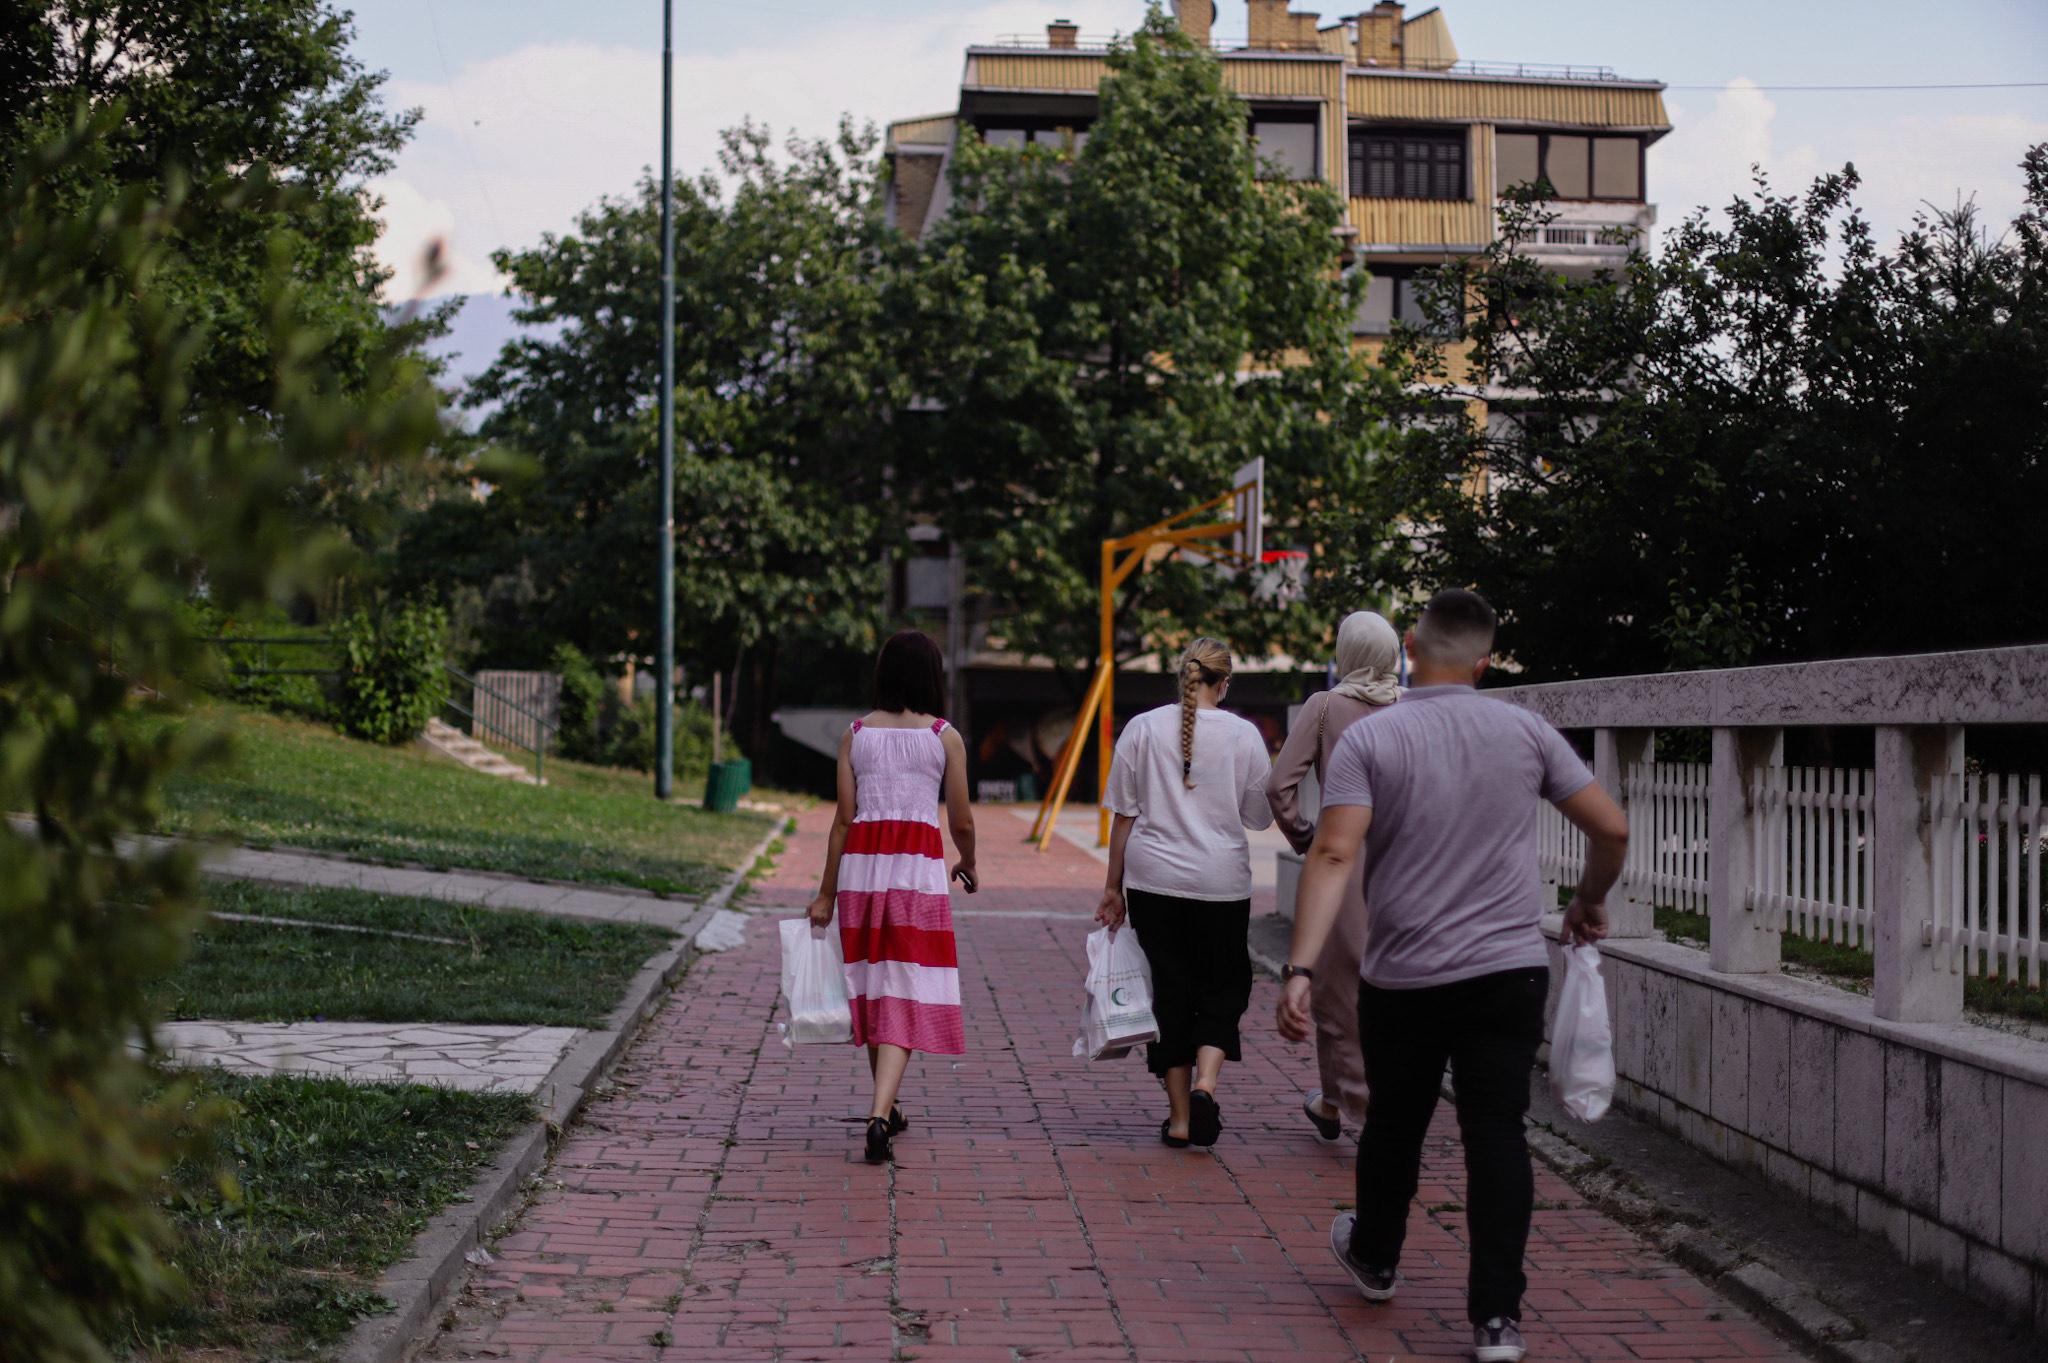 Zajedničke bajramske aktivnosti Ureda za društvenu brigu i Mreže mladih Sarajevo